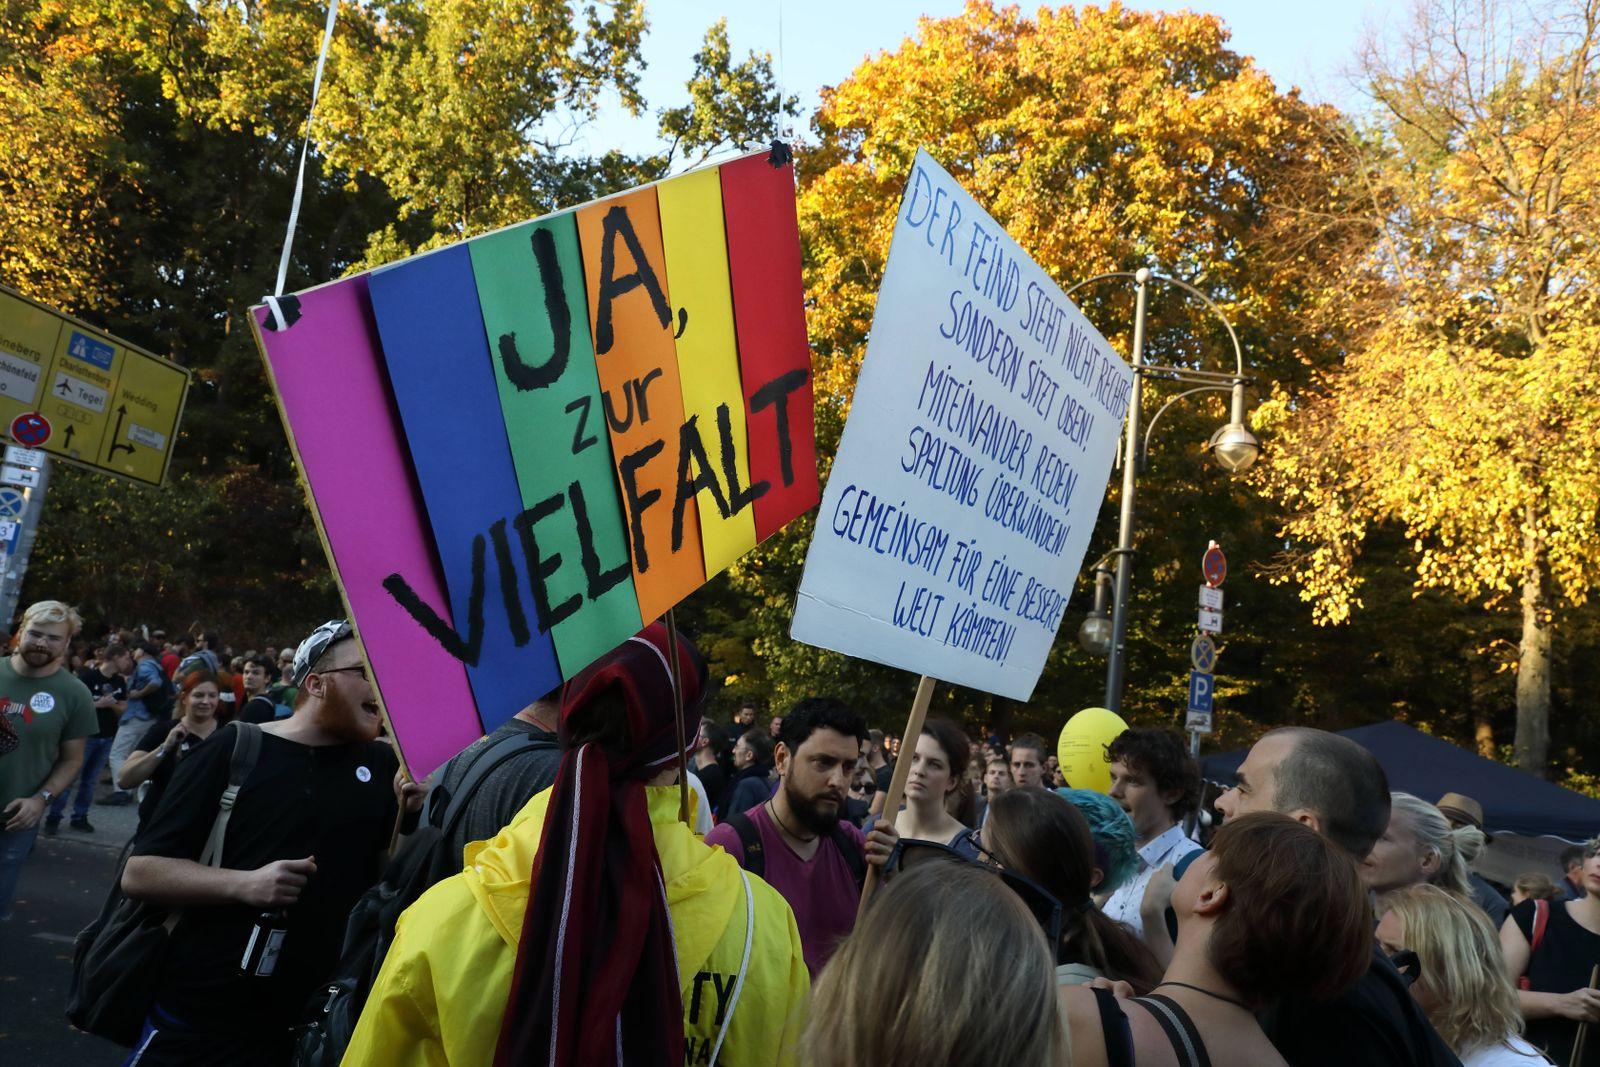 Großkundgebung Unteilbar Solidarität statt Ausgrenzung Zehntausende protestieren gegen Rassimus